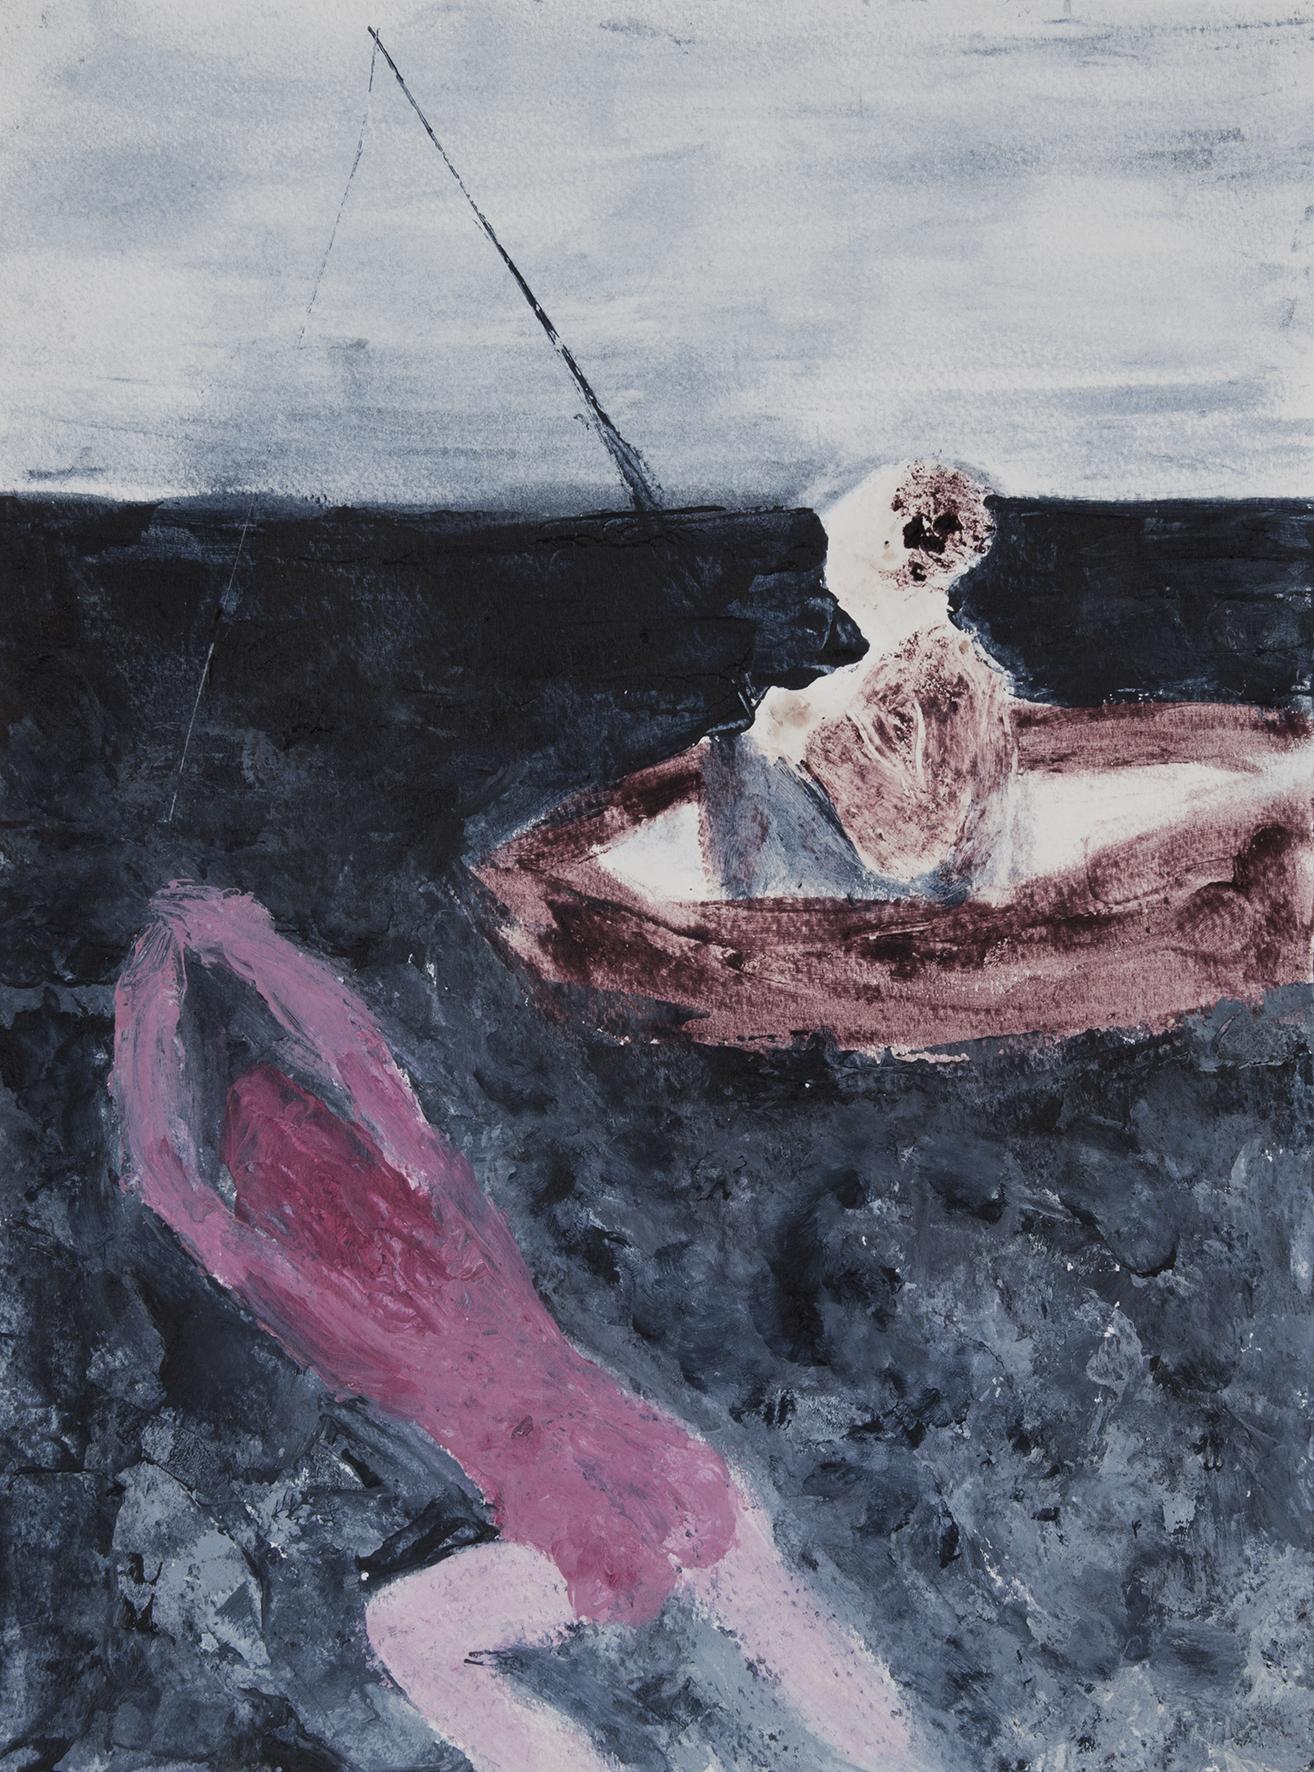 Fishing, 2018